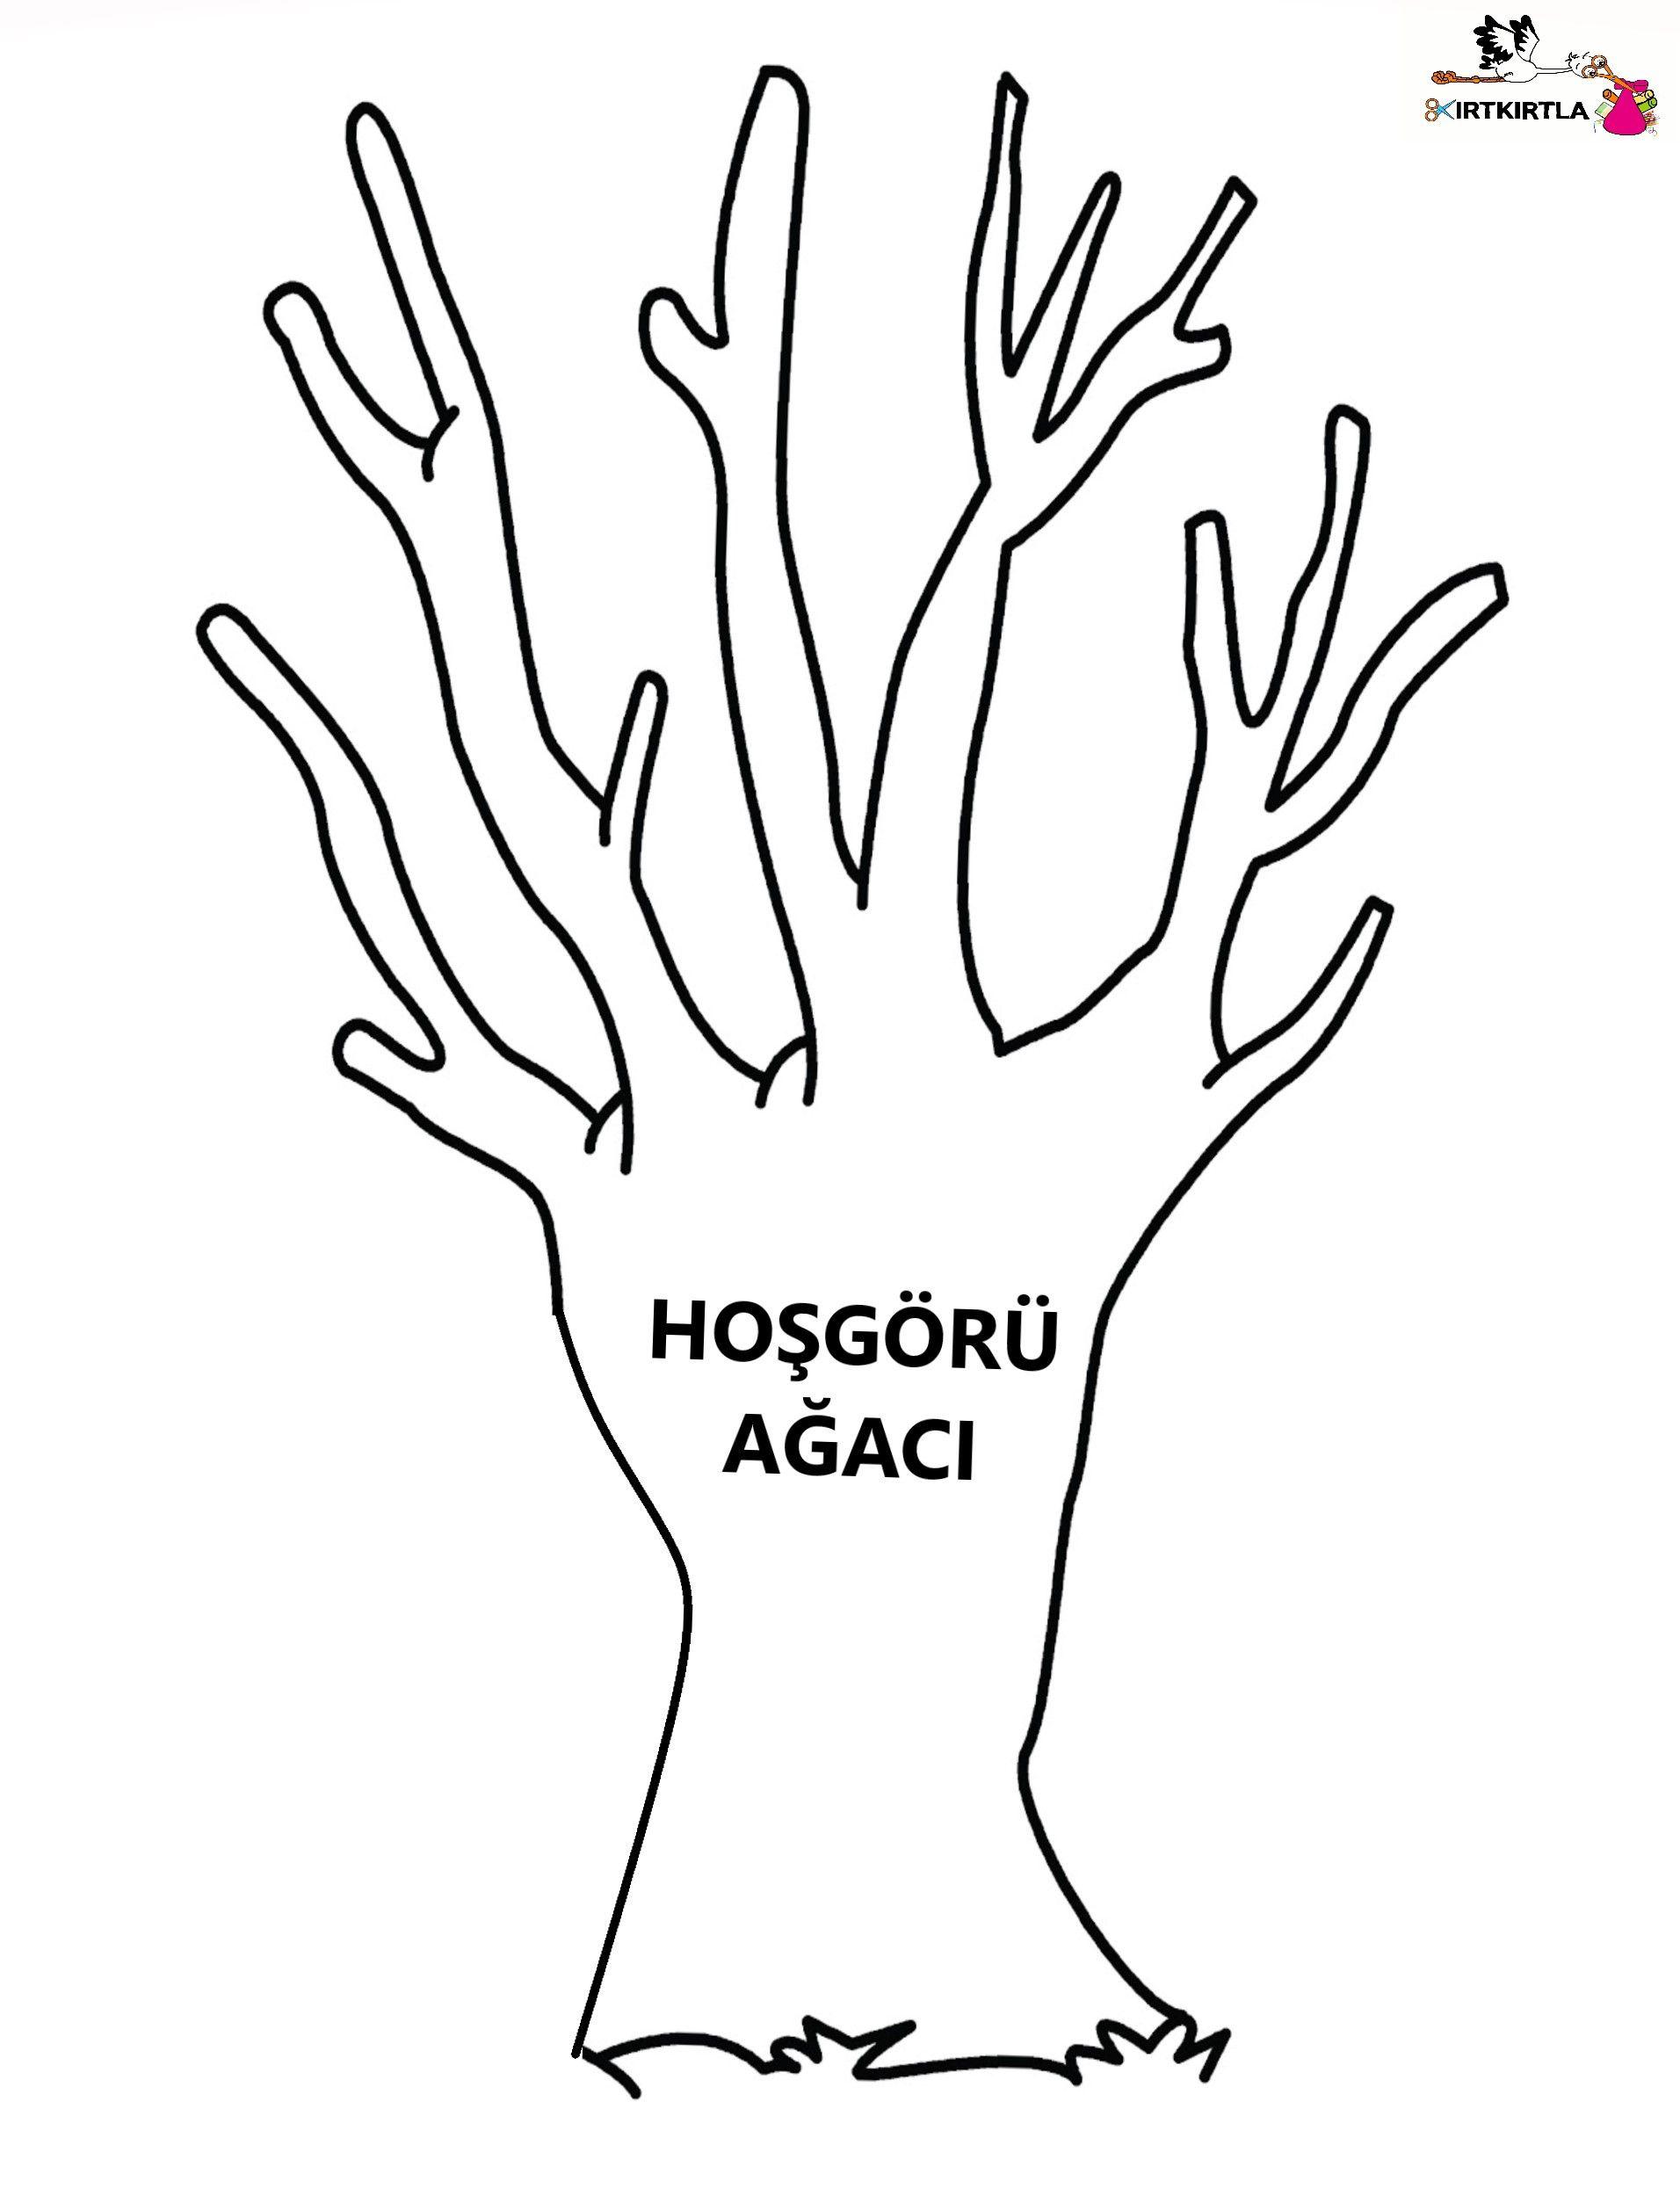 Proje Hosgoru Agaci Egitim Rehber Ogretmen Faaliyetler